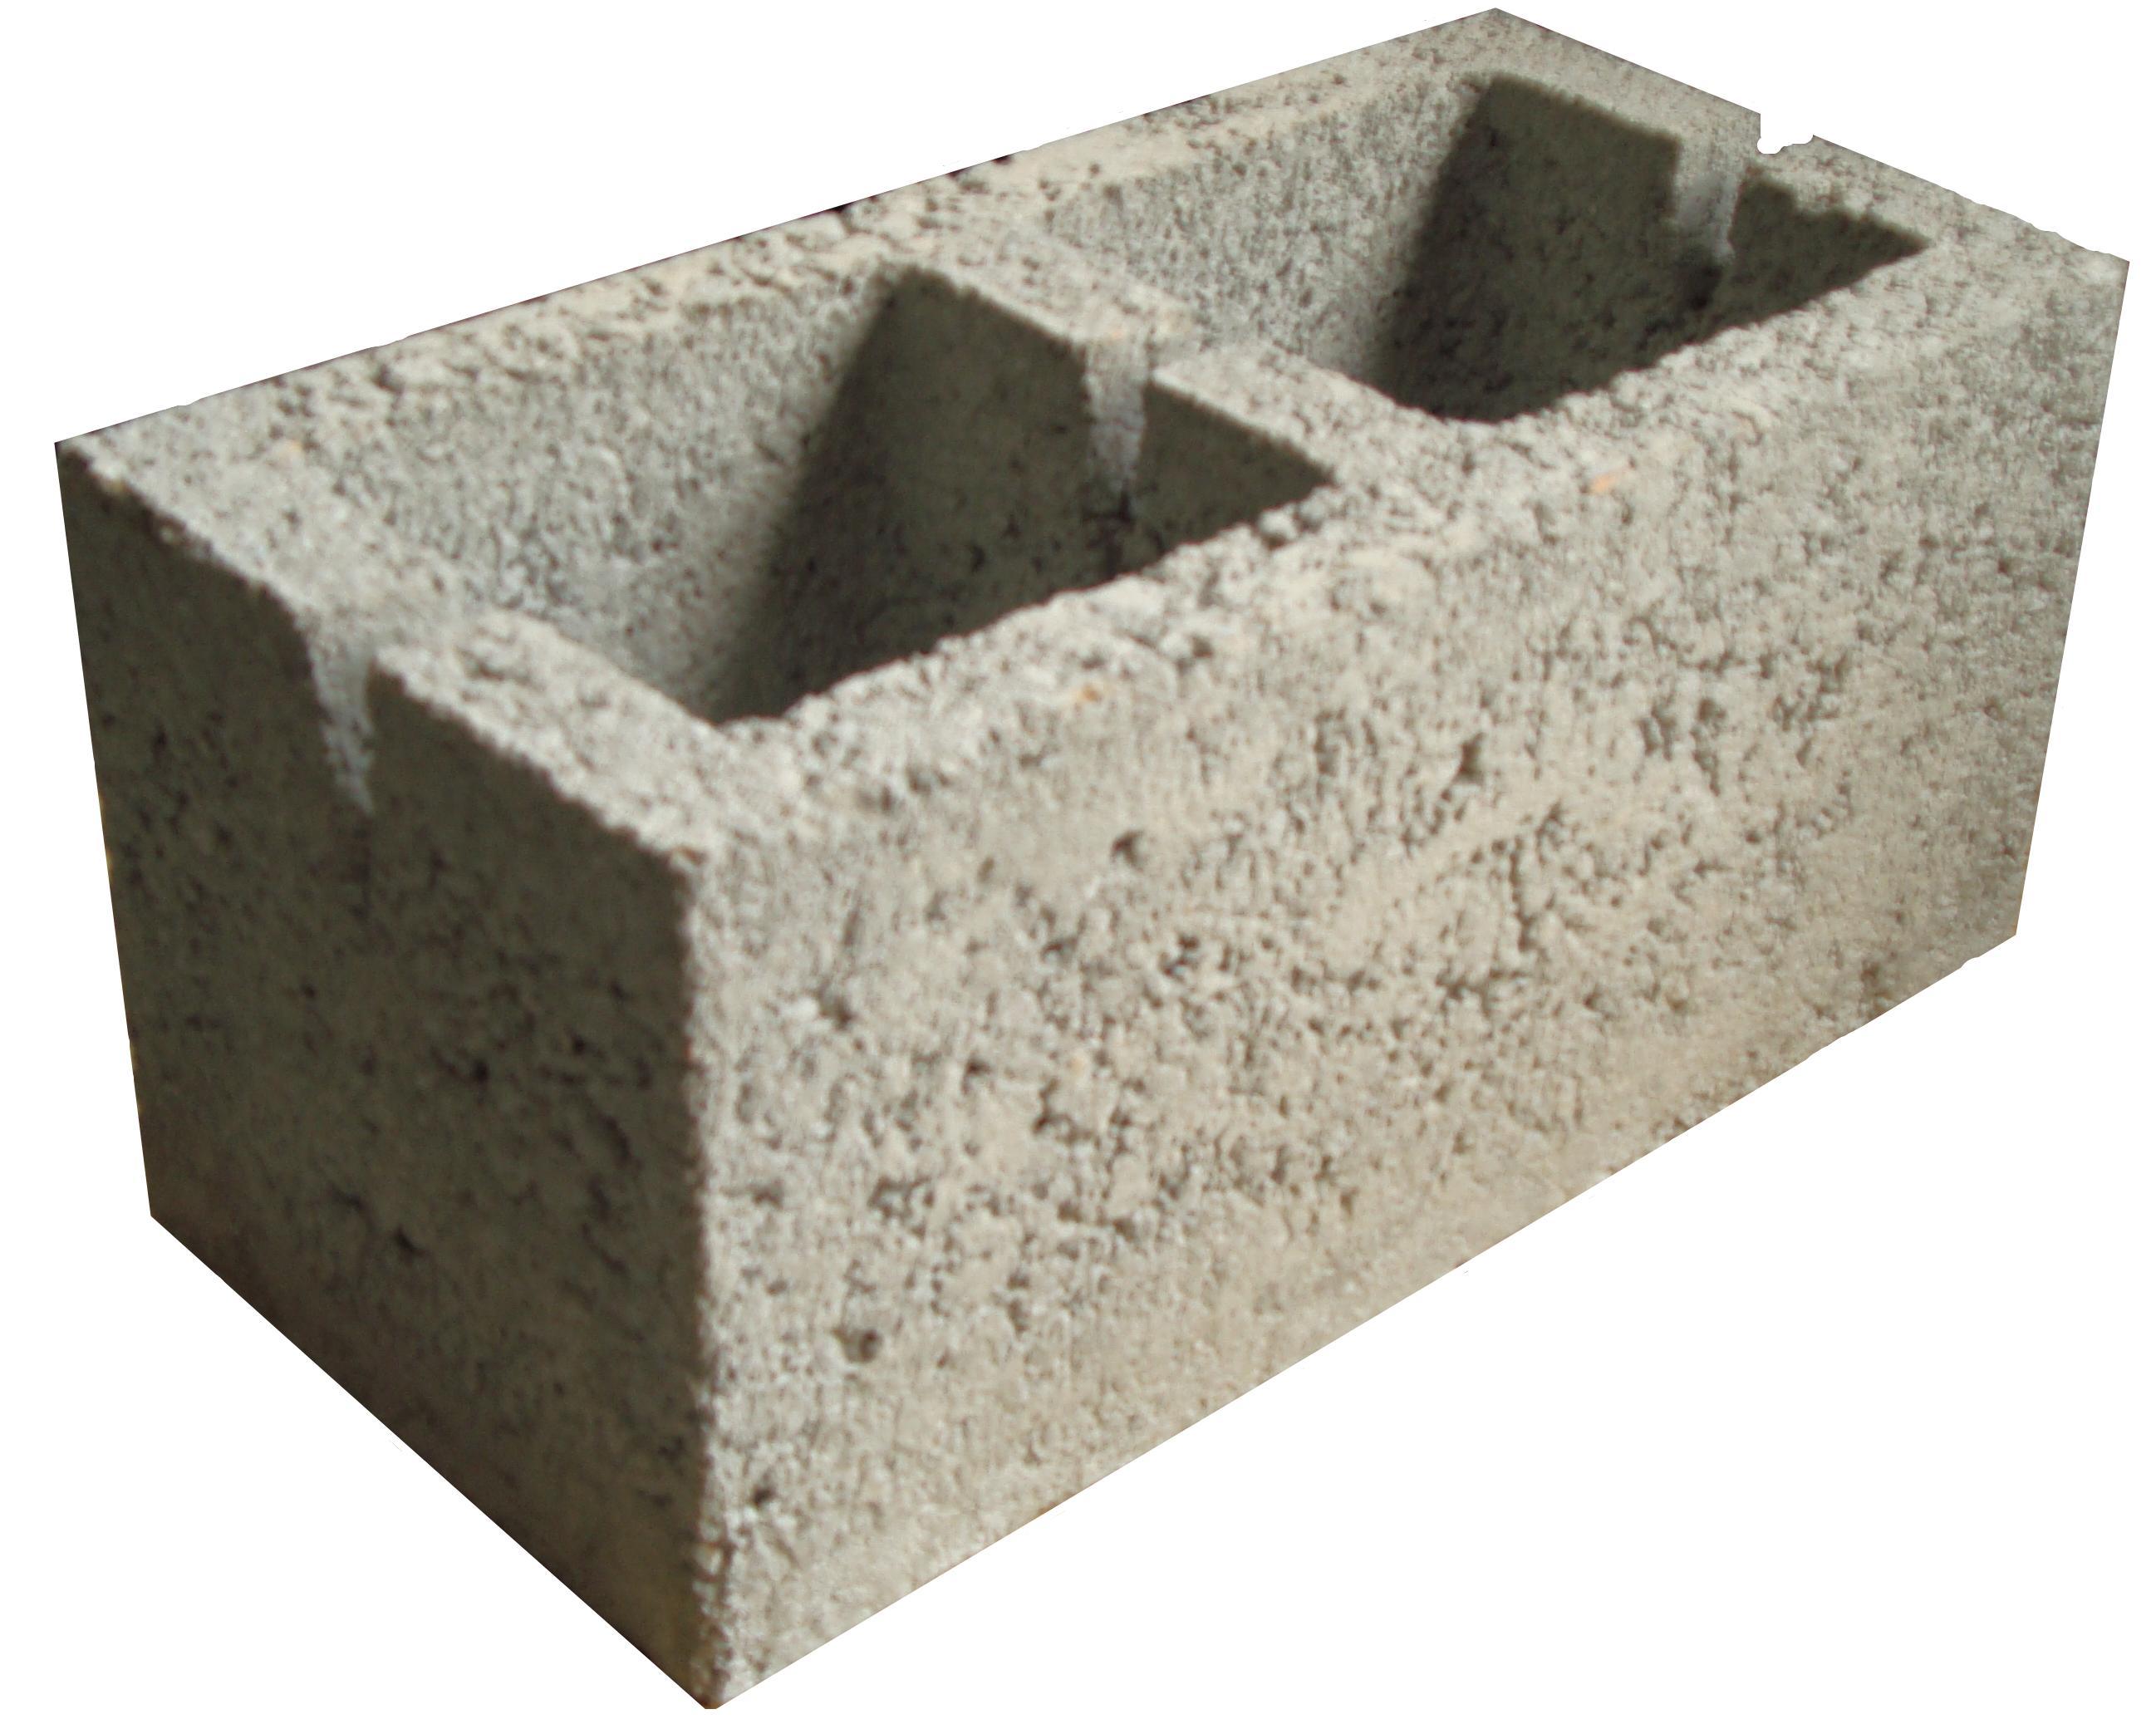 Поверхность блоков и стен из керамзитобетона требует дополнительного выравнивания, внутренней отделки и внешней облицовки